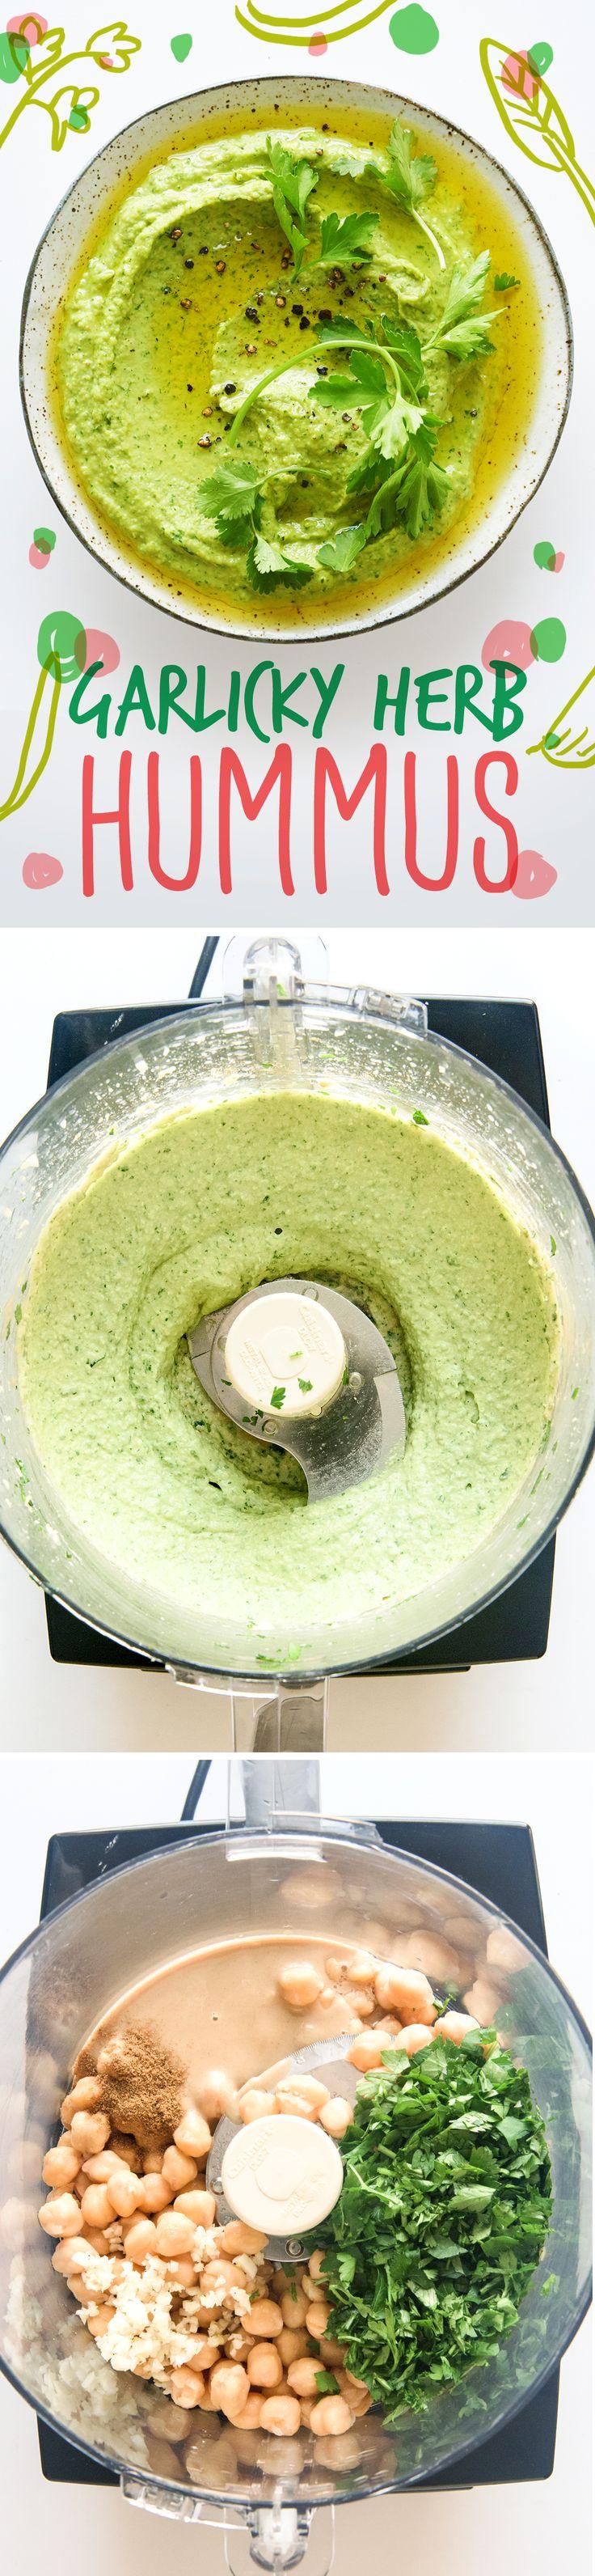 herb hummus   healthy recipe ideas @xhealthyrecipex  